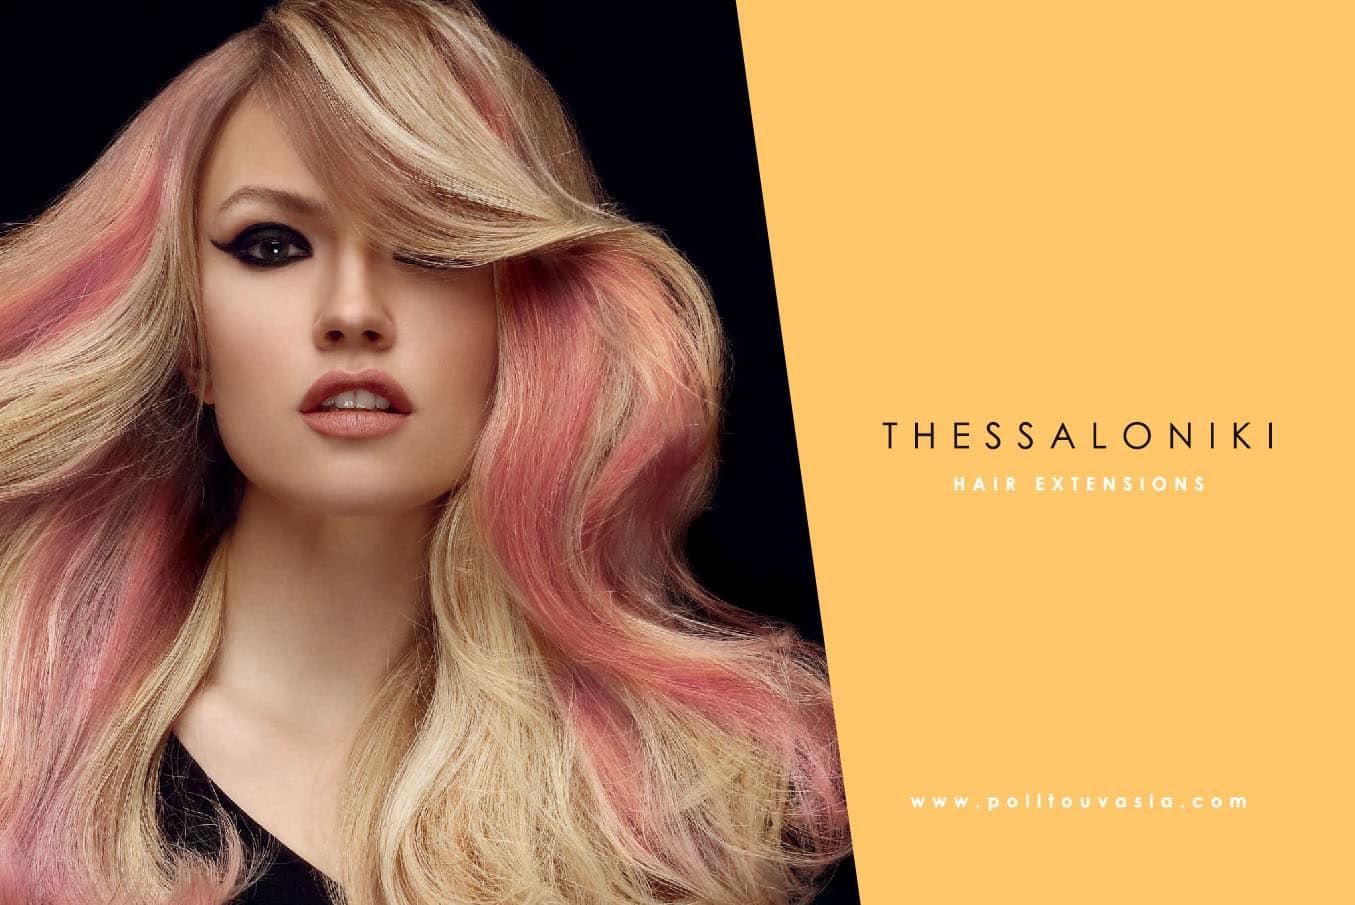 Ηair extensions Θεσσαλονίκη hair extensions thessaloniki